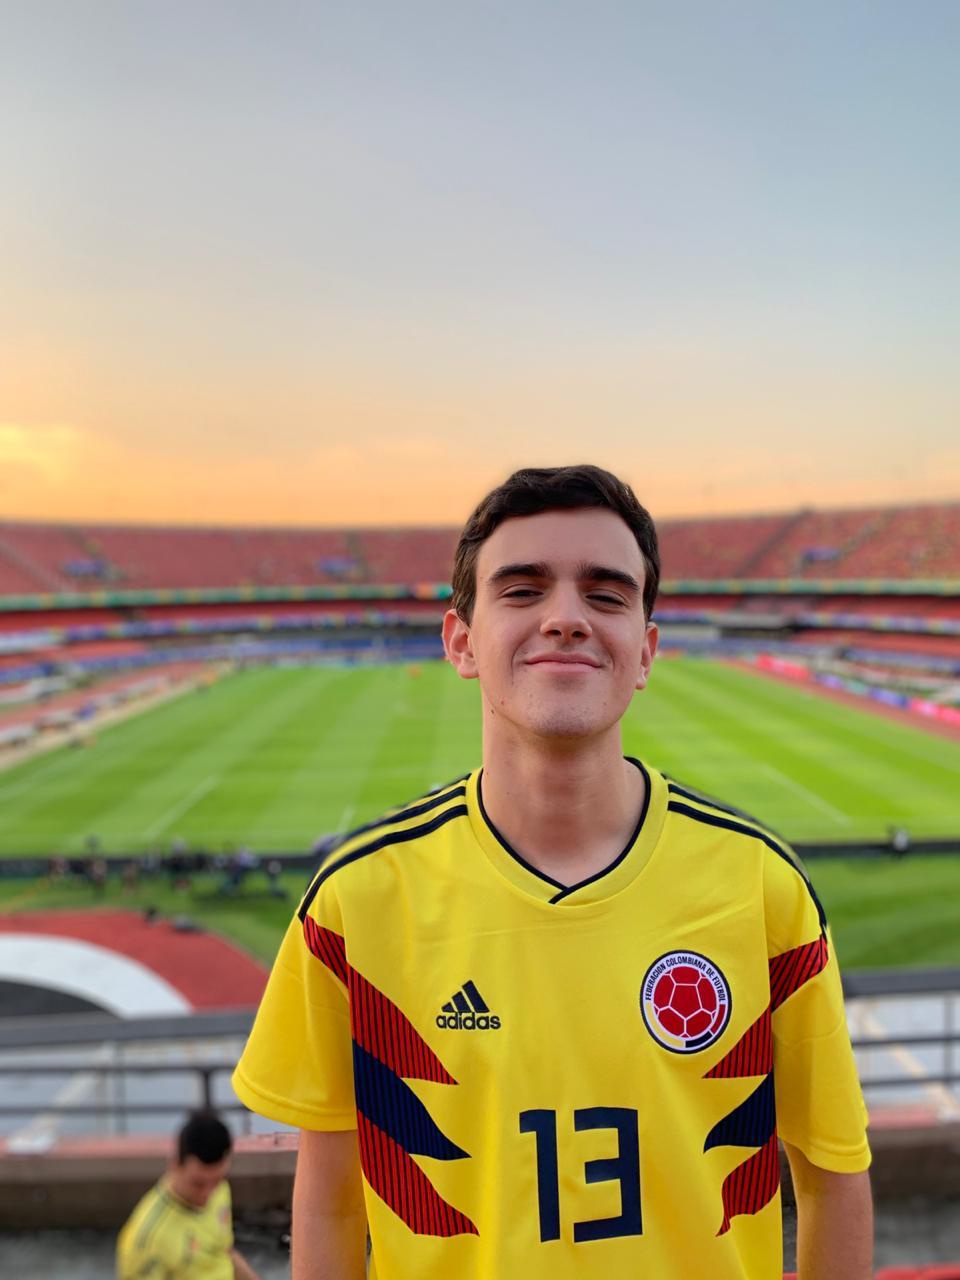 Joao Pedro Prado Restani